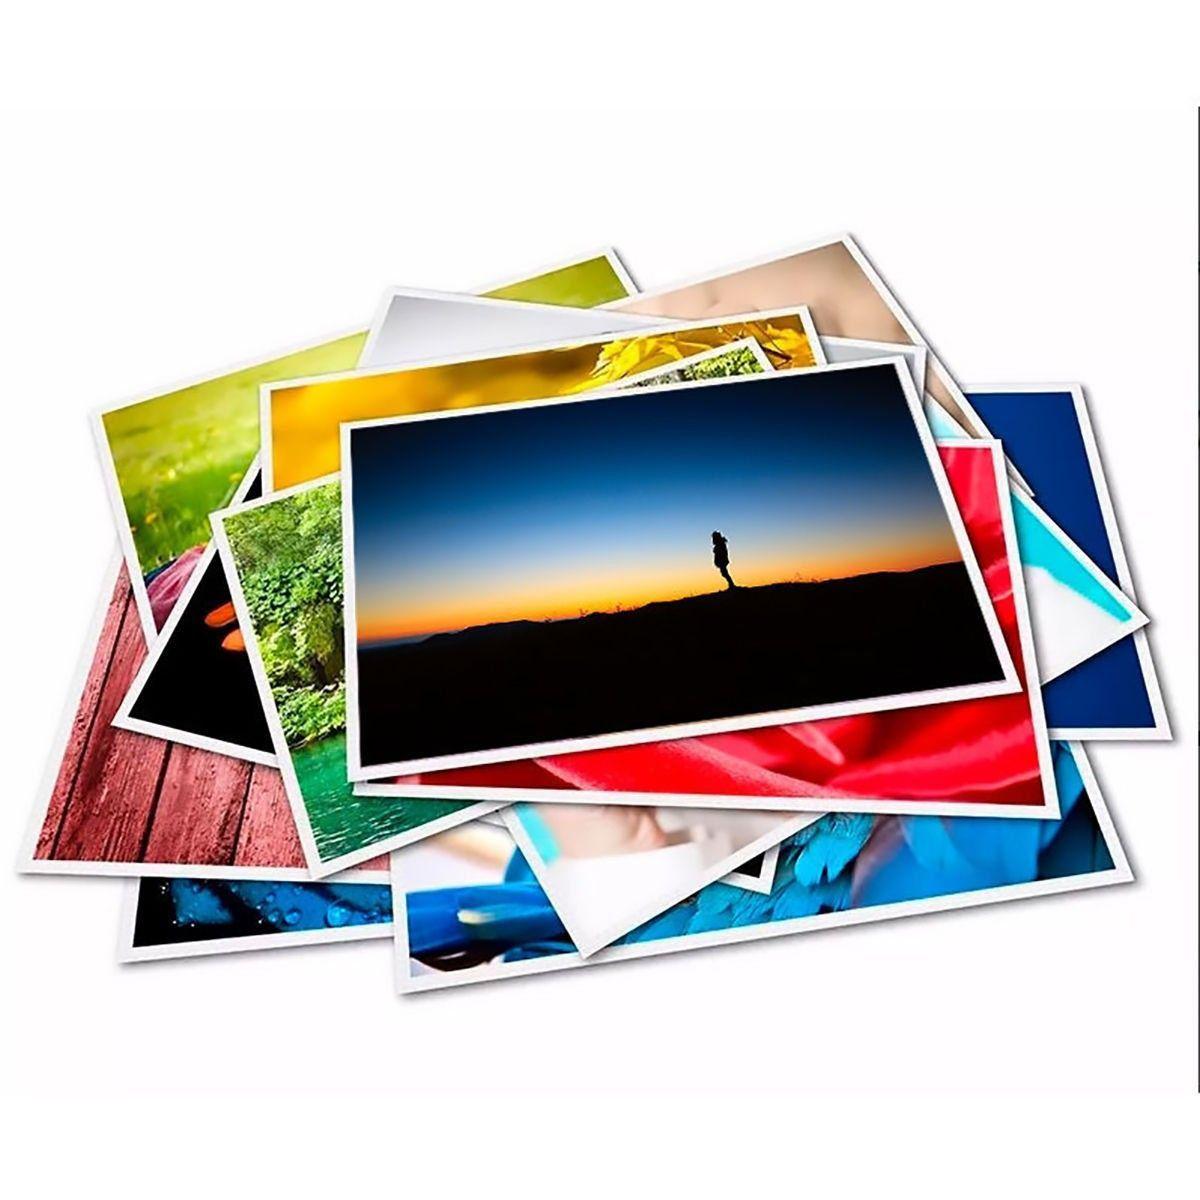 Papel Fotográfico 10x15 cm 265g Glossy Branco Brilhante Resistente à Água / 300 folhas